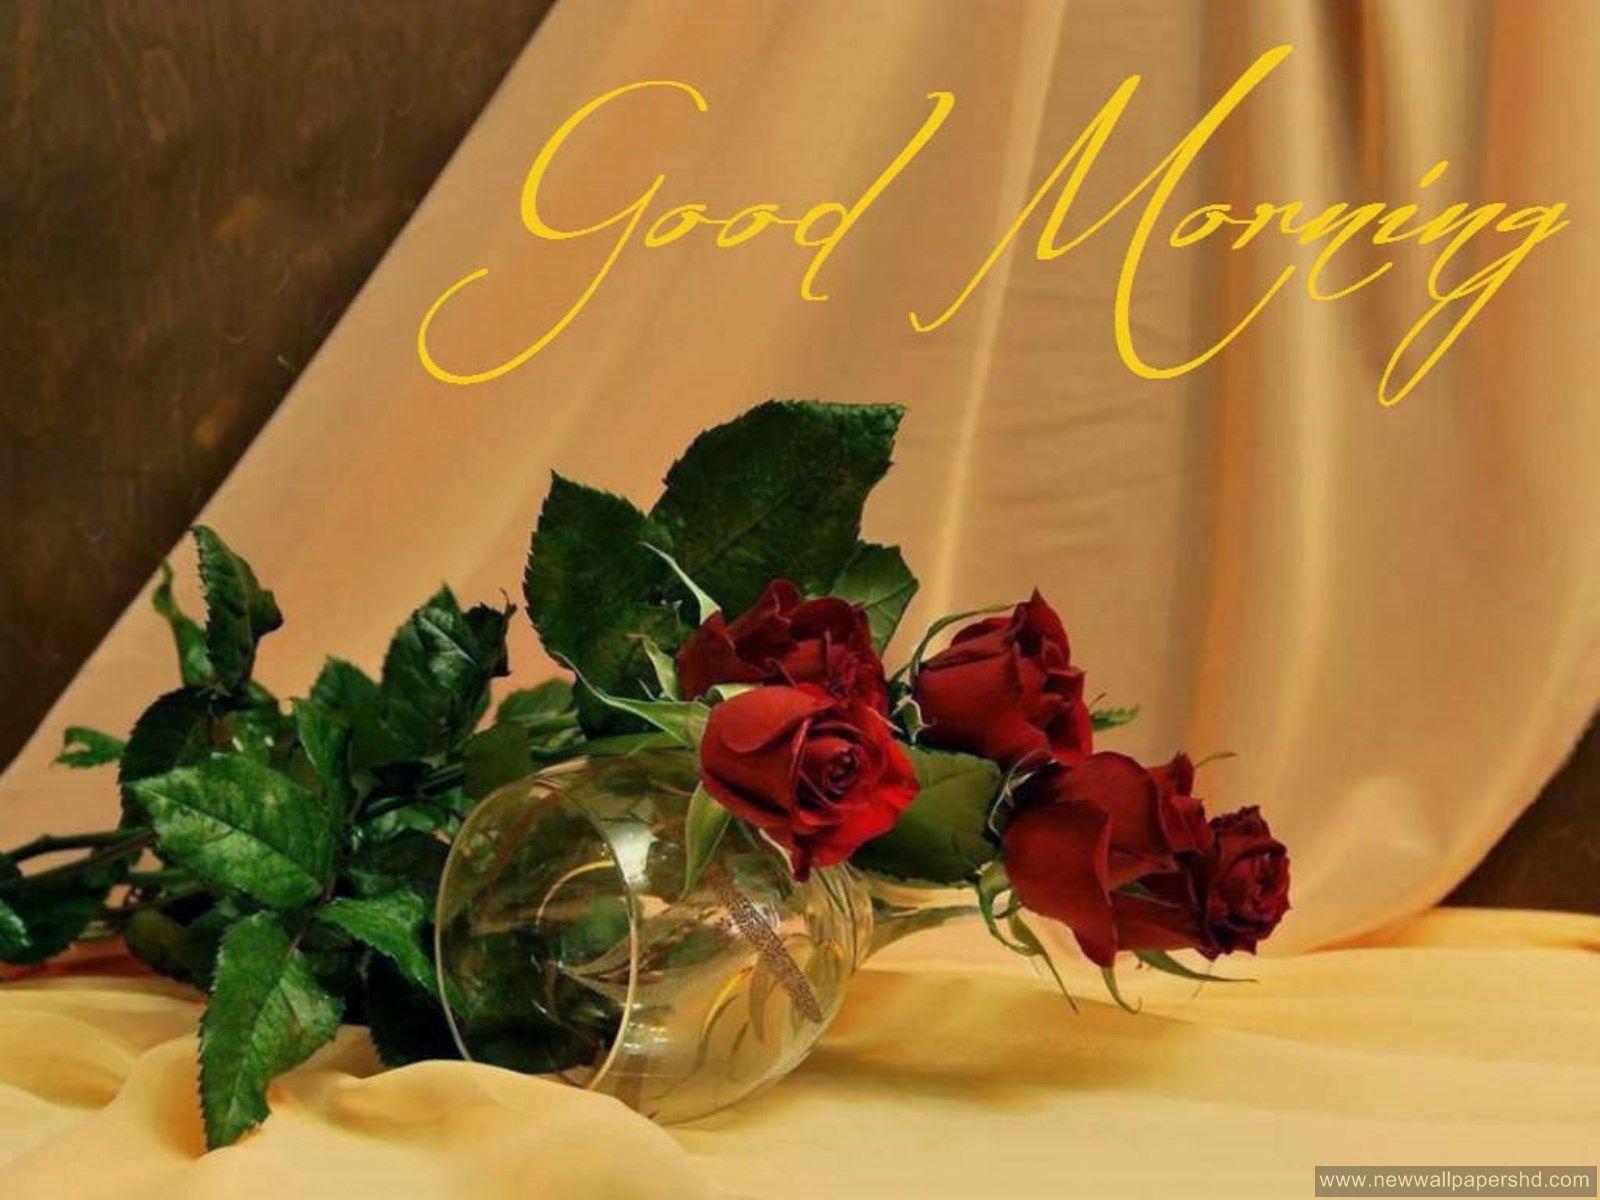 Hd wallpaper of good morning - Good Morning Images Good Morning Pinterest Morning Images And Background Hd Wallpaper